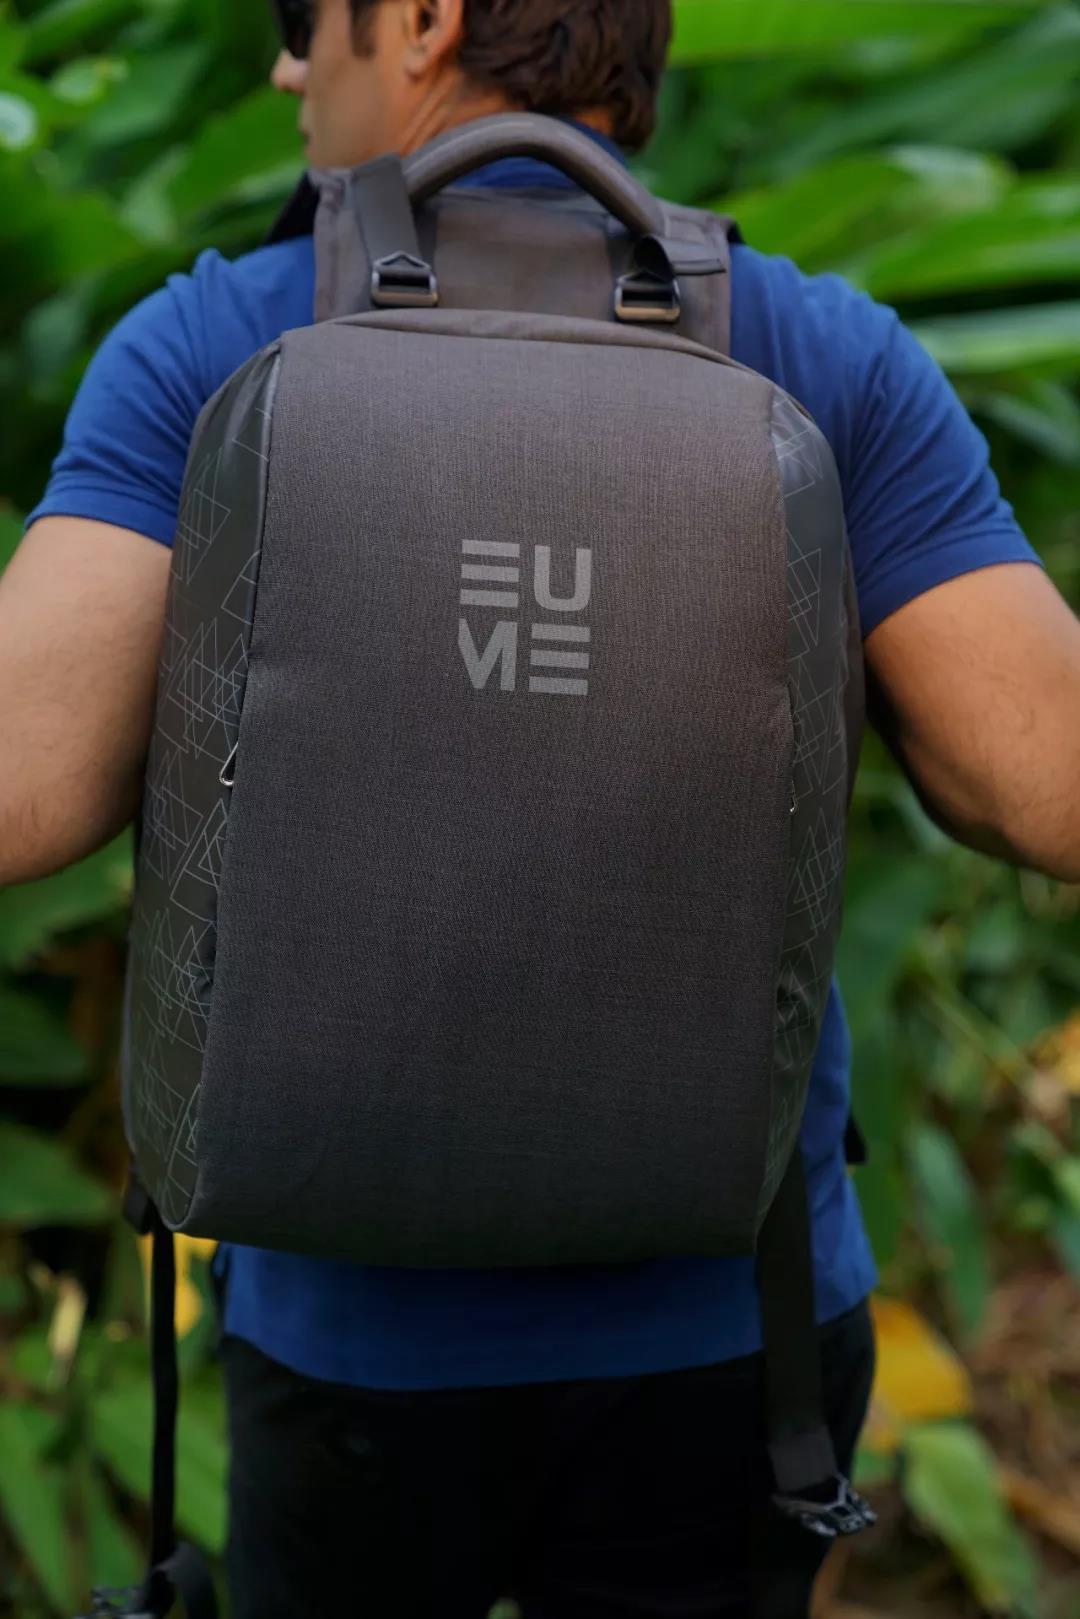 一个可以帮你按摩的背包 背着不累